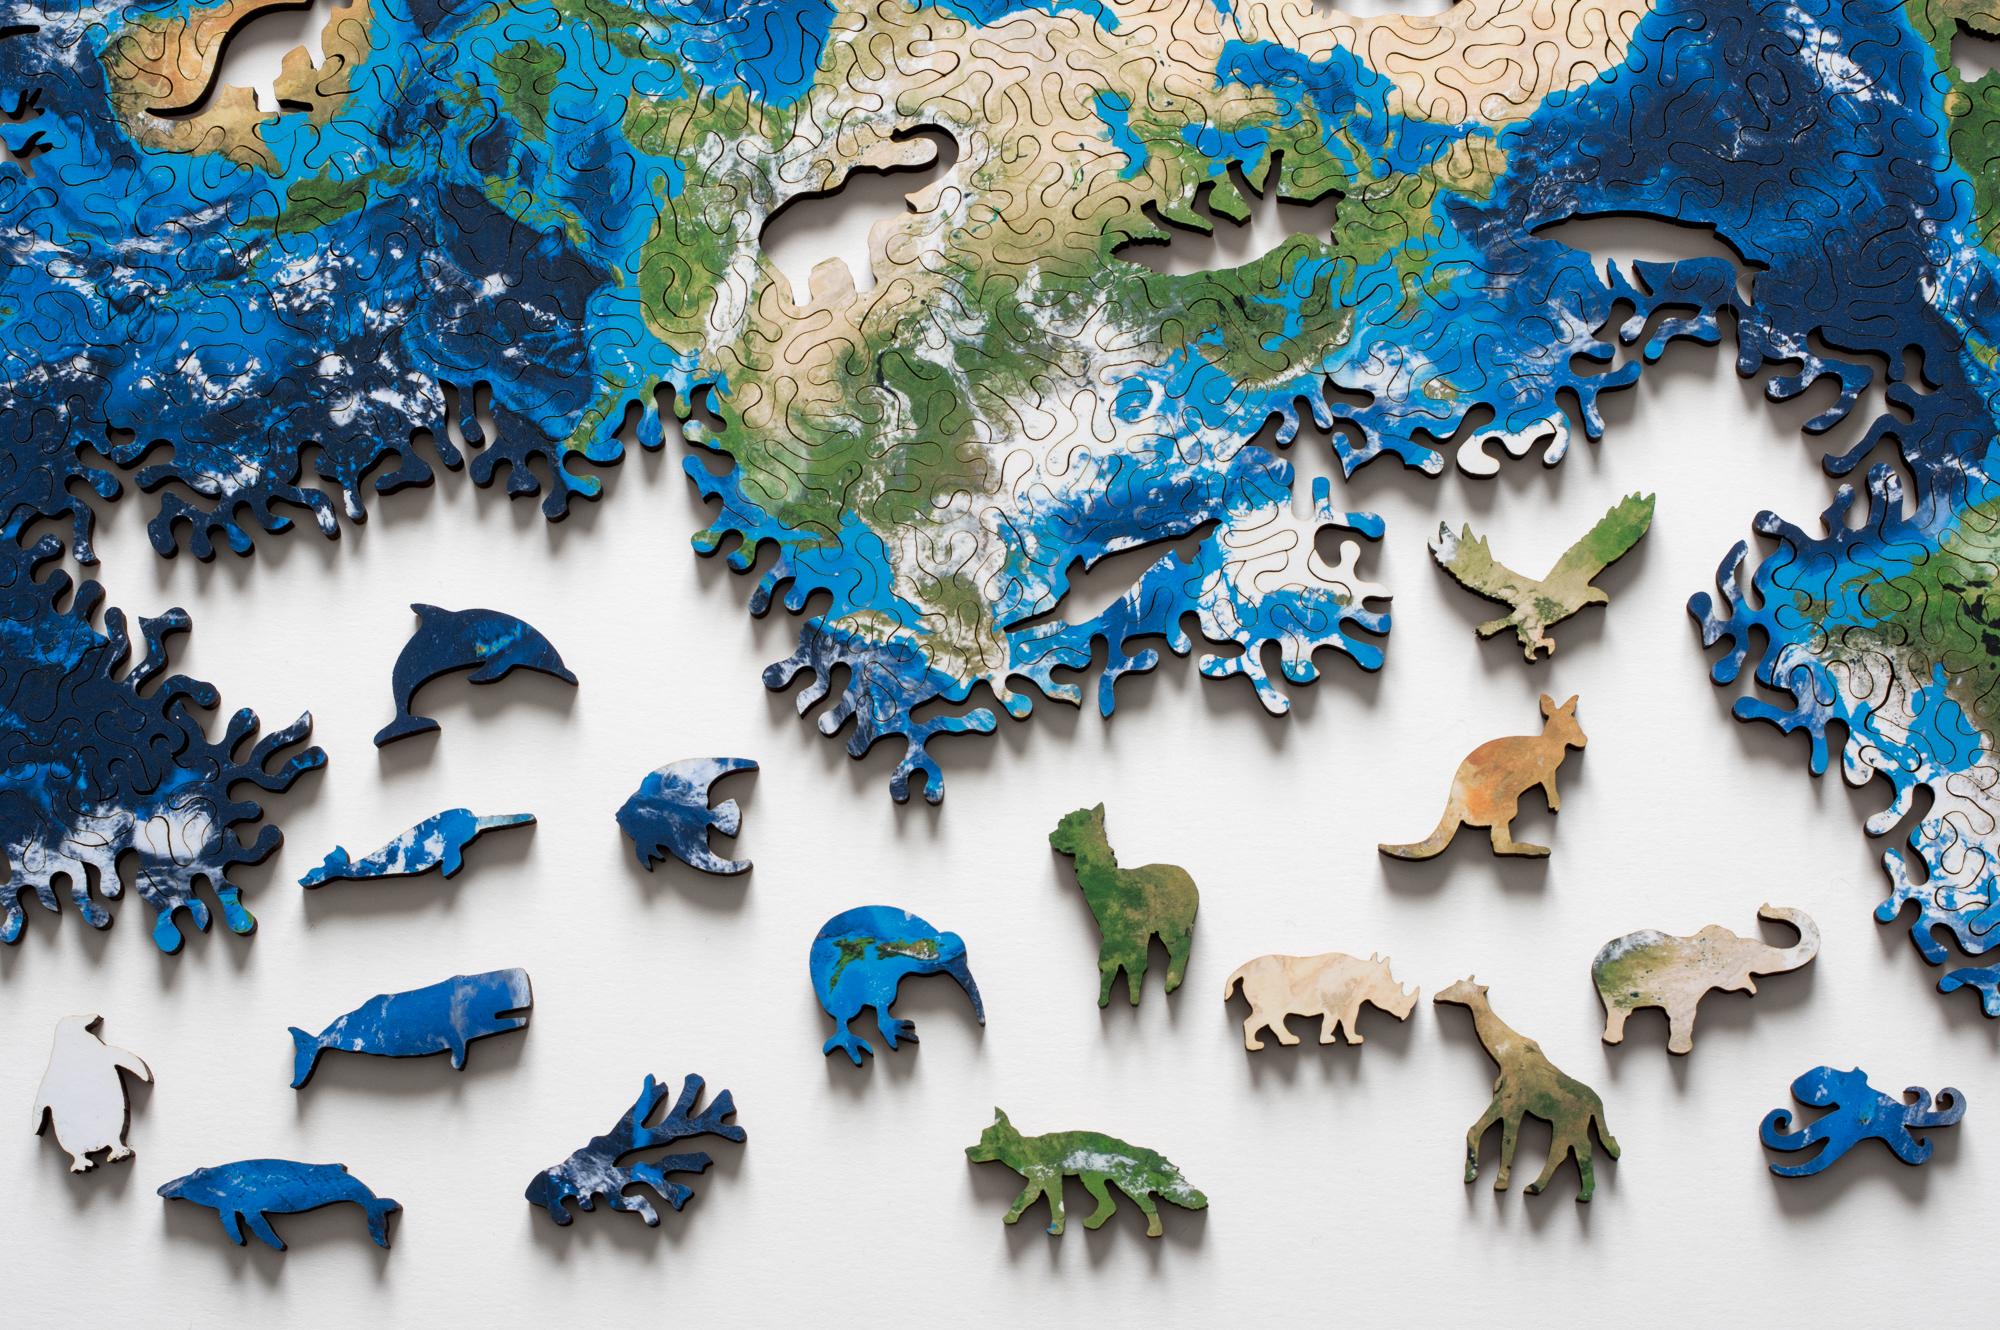 La mappa del nostro pianeta è un puzzle infinito